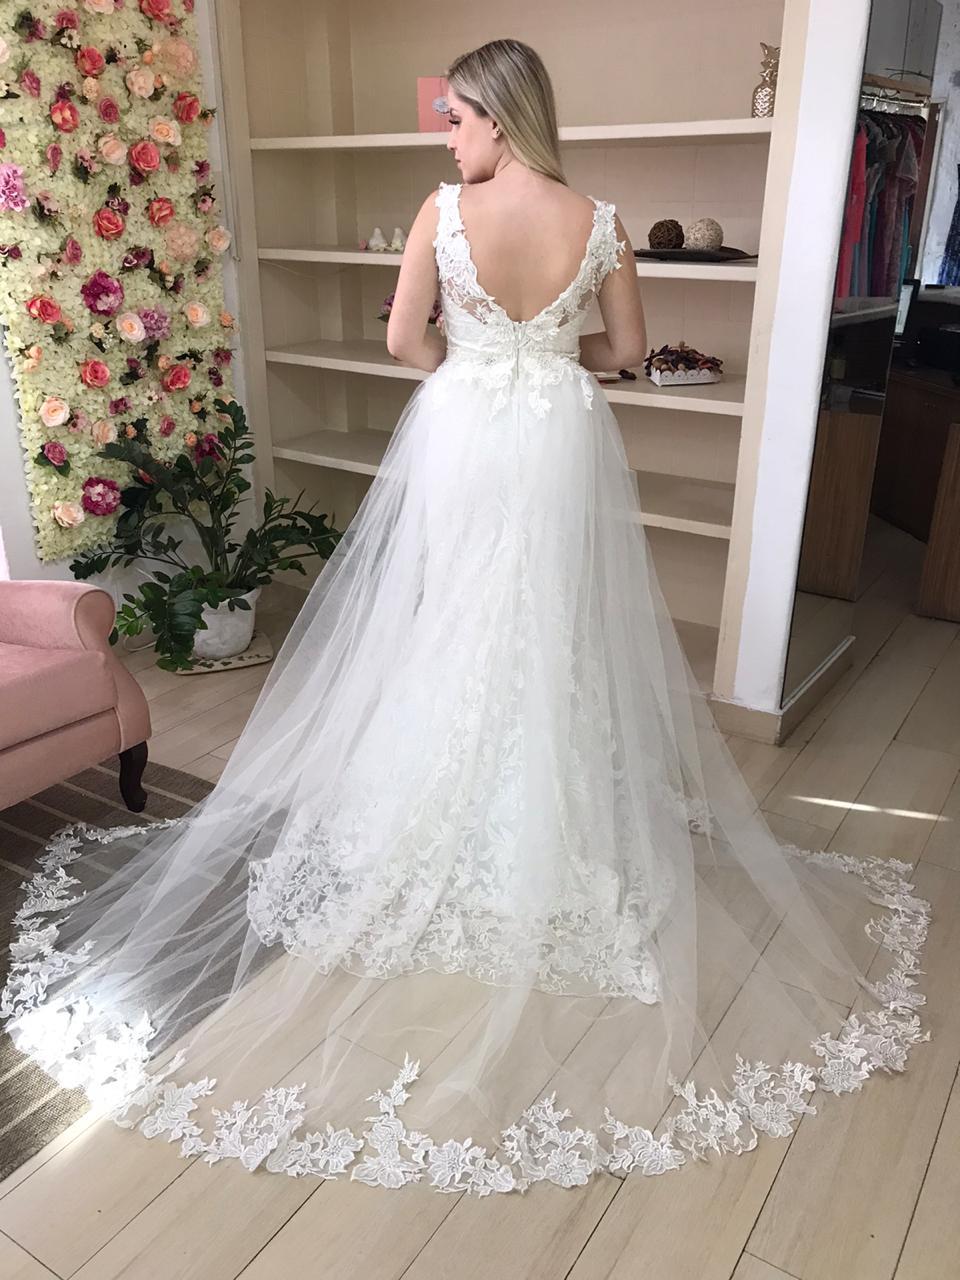 Alugar vestido de noiva de alta costura é mais econômico